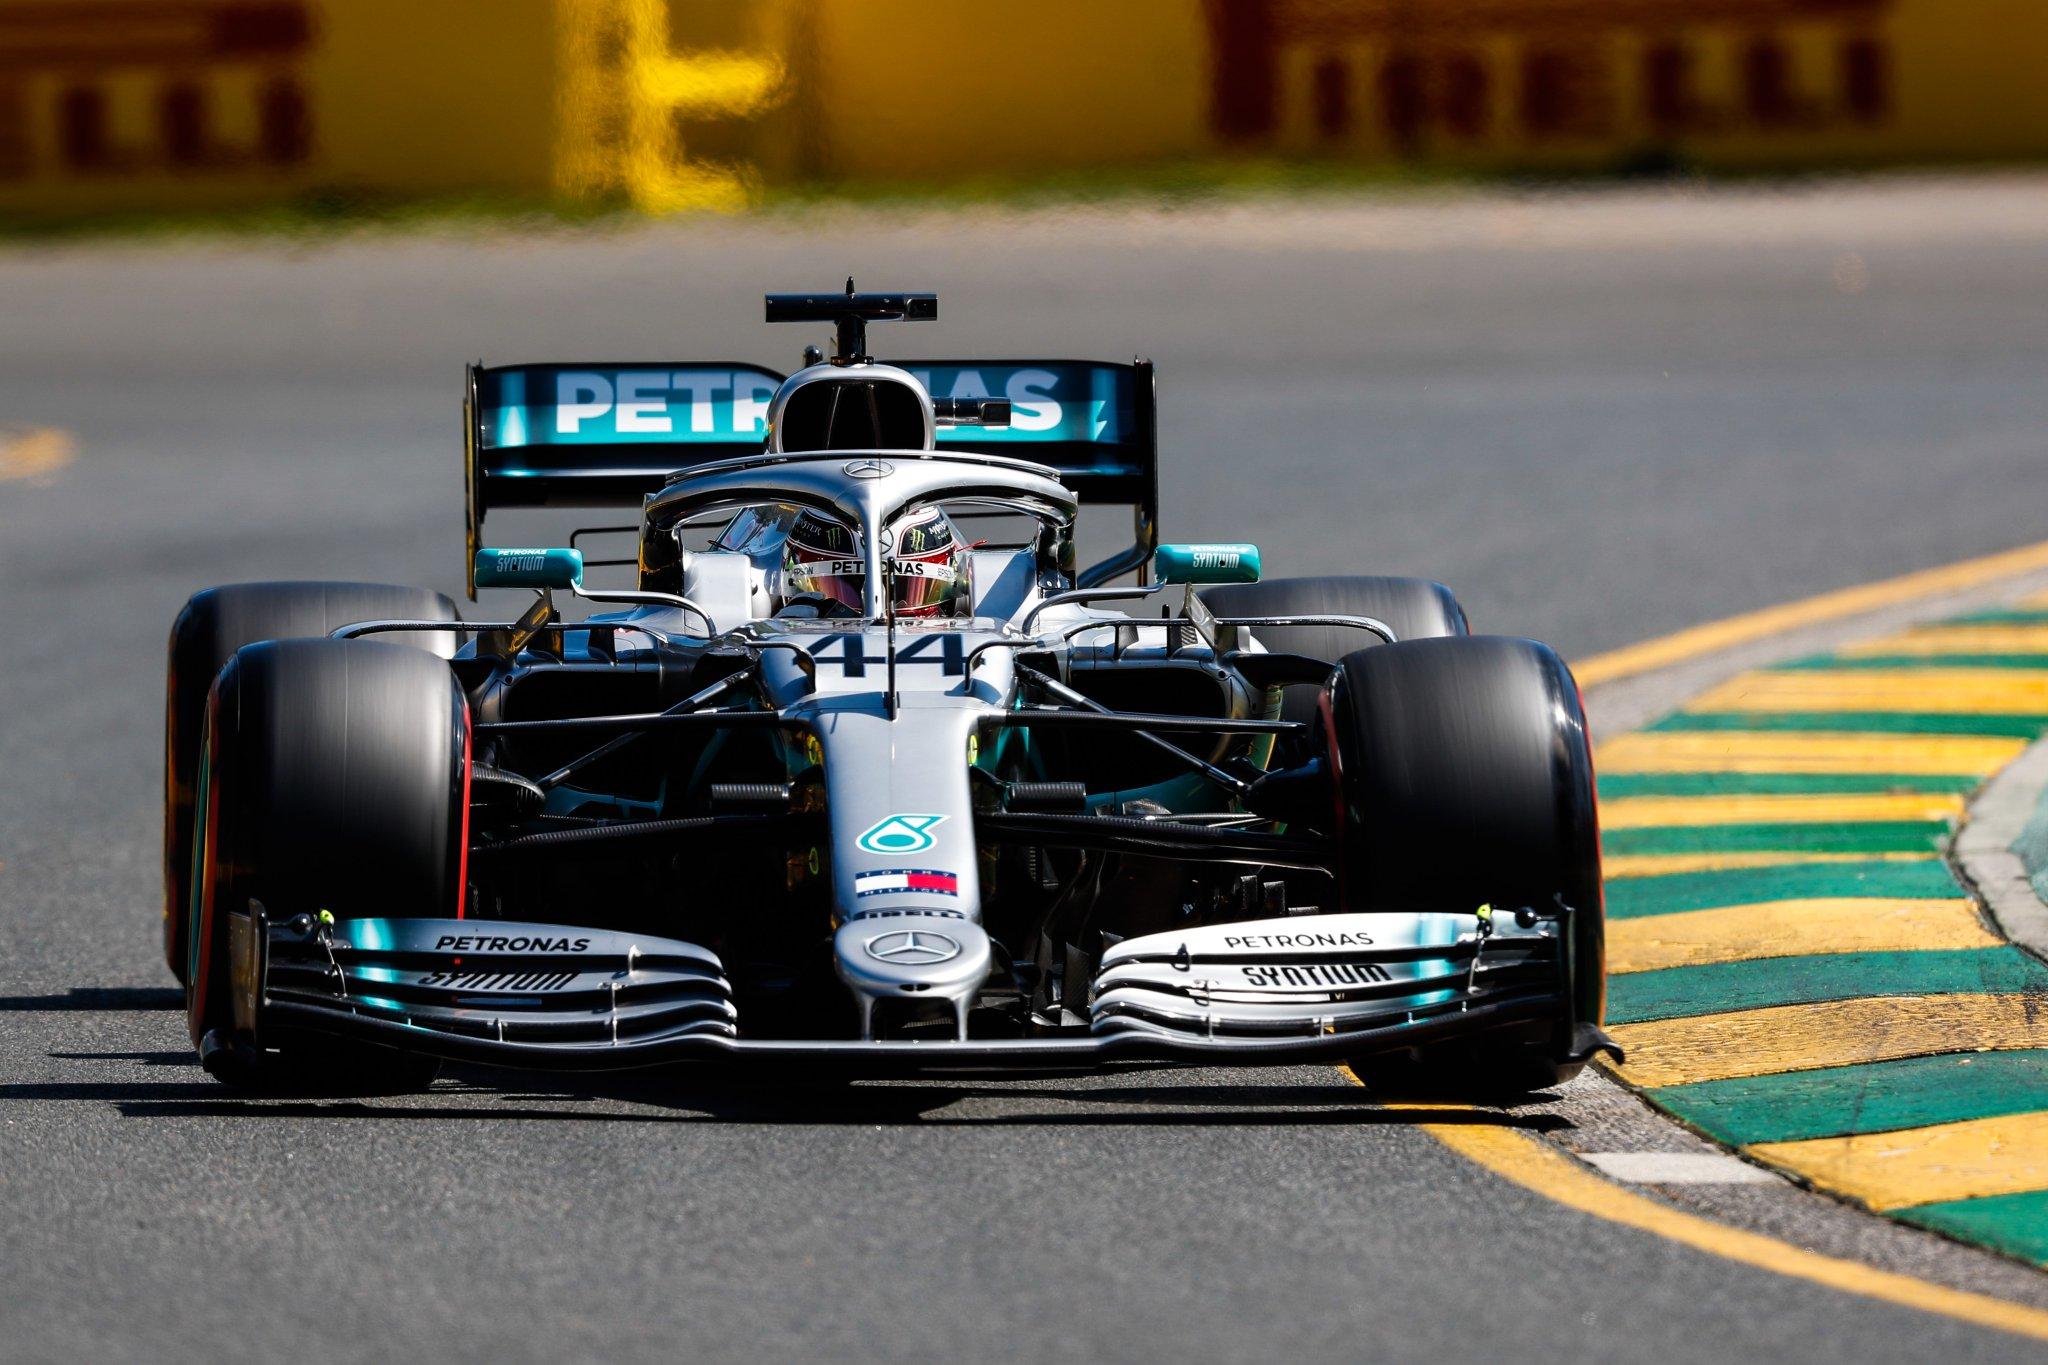 Льюис Хэмилтон - быстрейший в первой практике гран-при Австралии 2019 года в Мельбурне